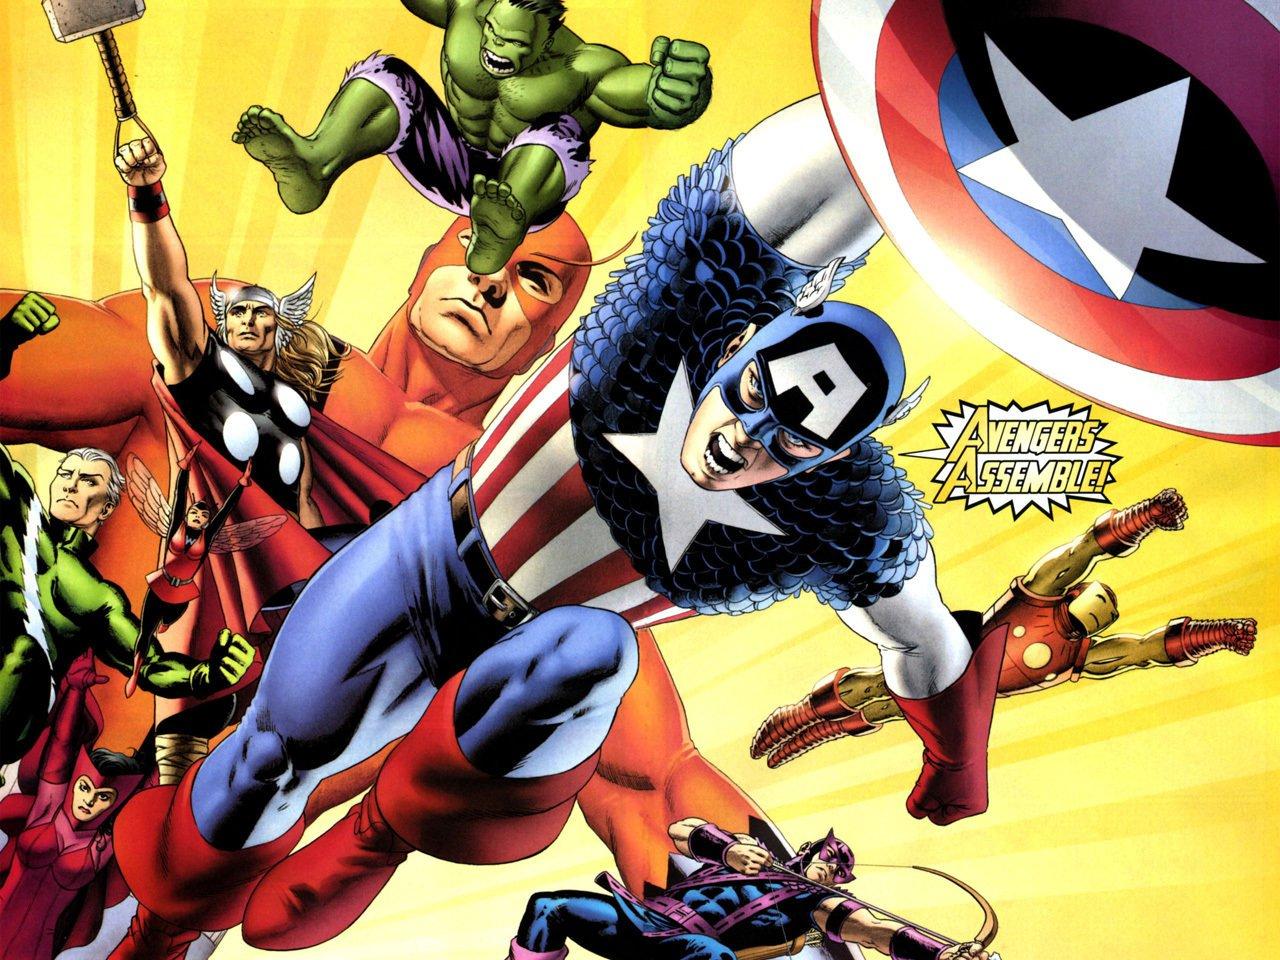 Los 10 mejores fondos de pantalla en HD del Capitán América que debes descargar 9